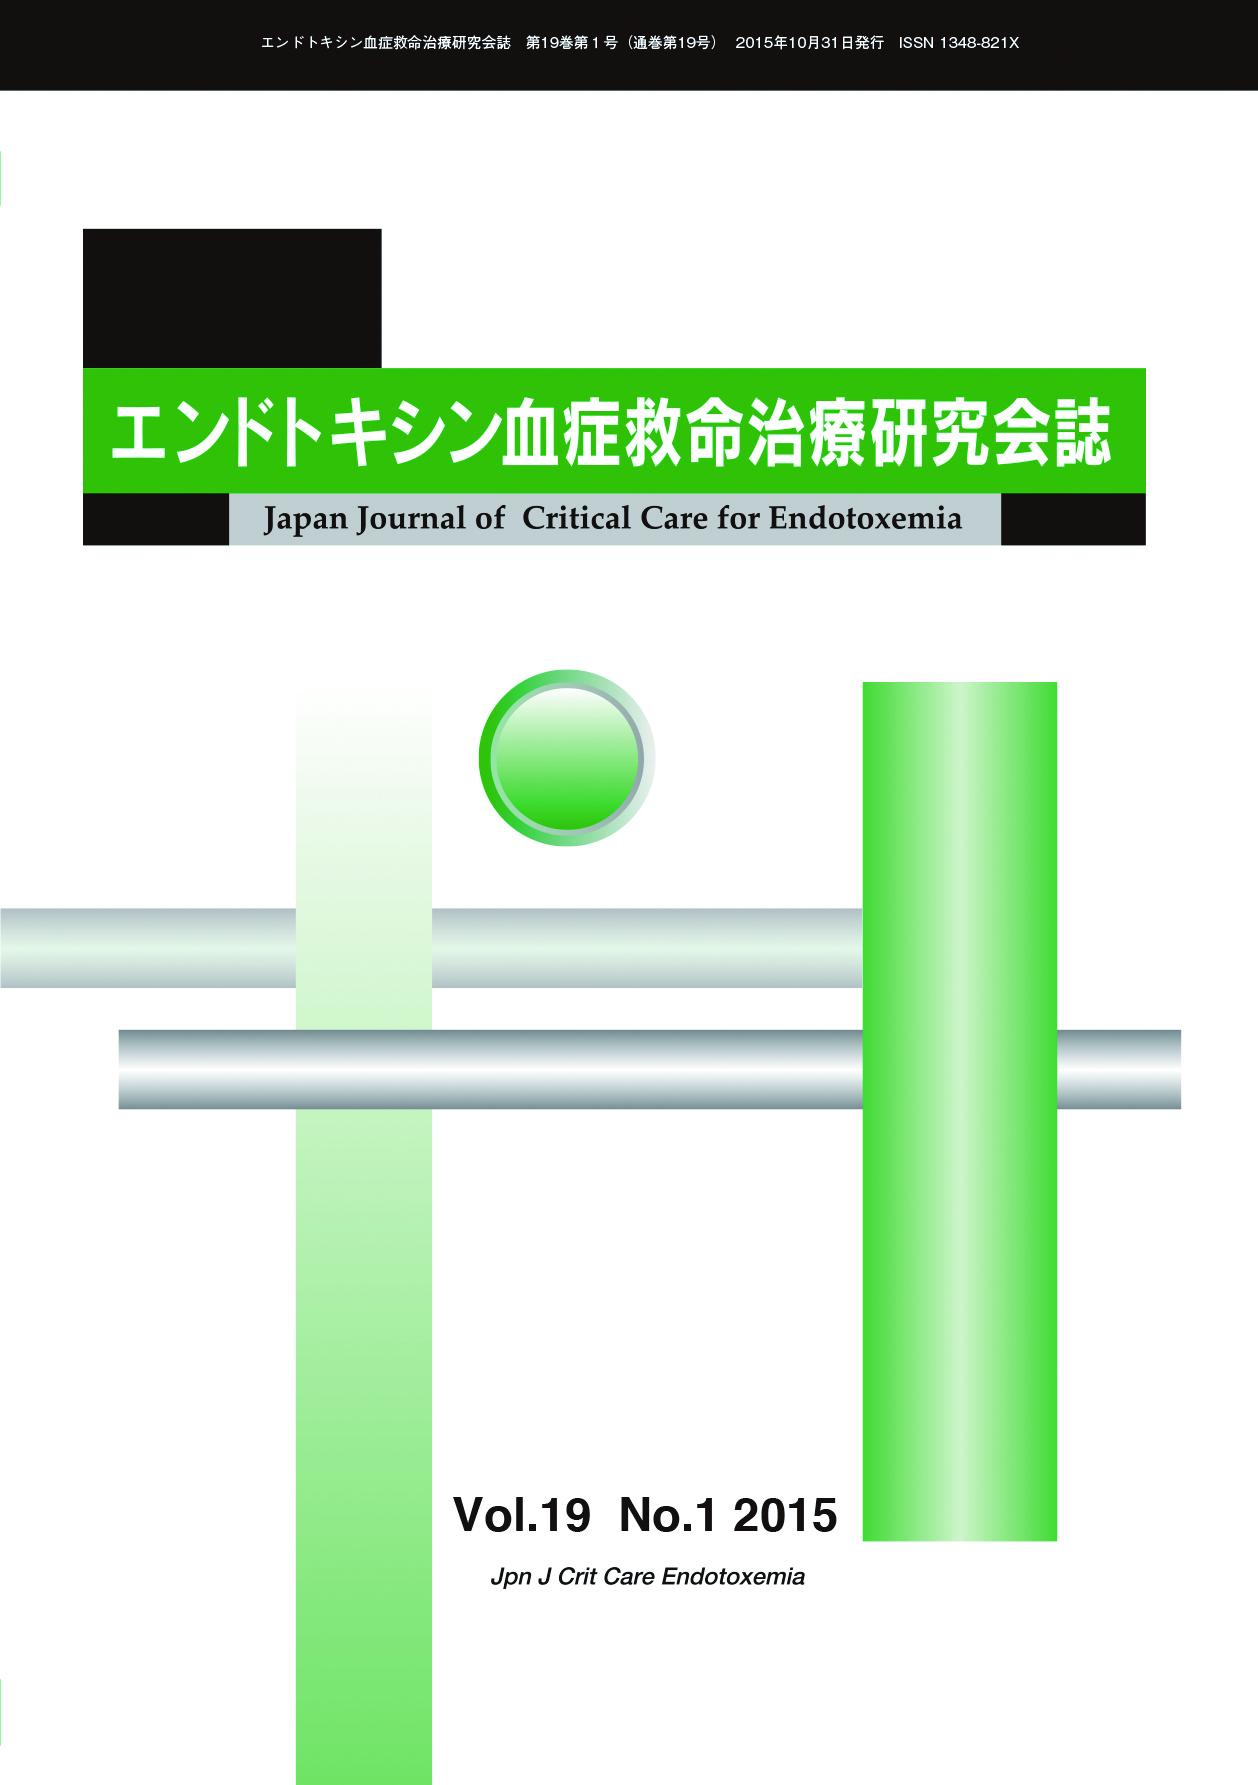 エンドトキシン血症救命治療研究会誌 Vol.19 No.1 2015